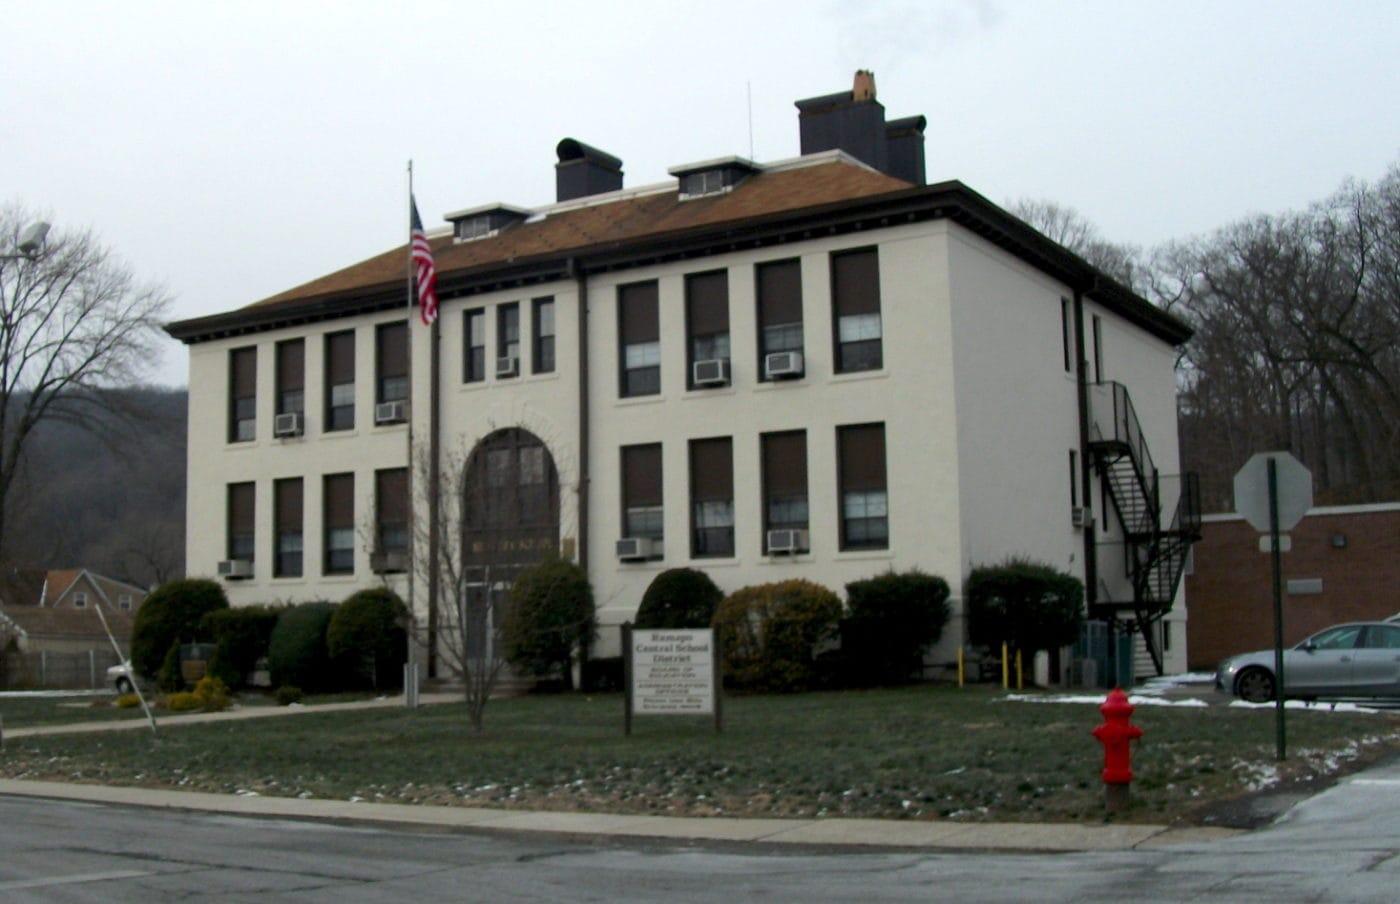 Former Main School in Hillburn, NY